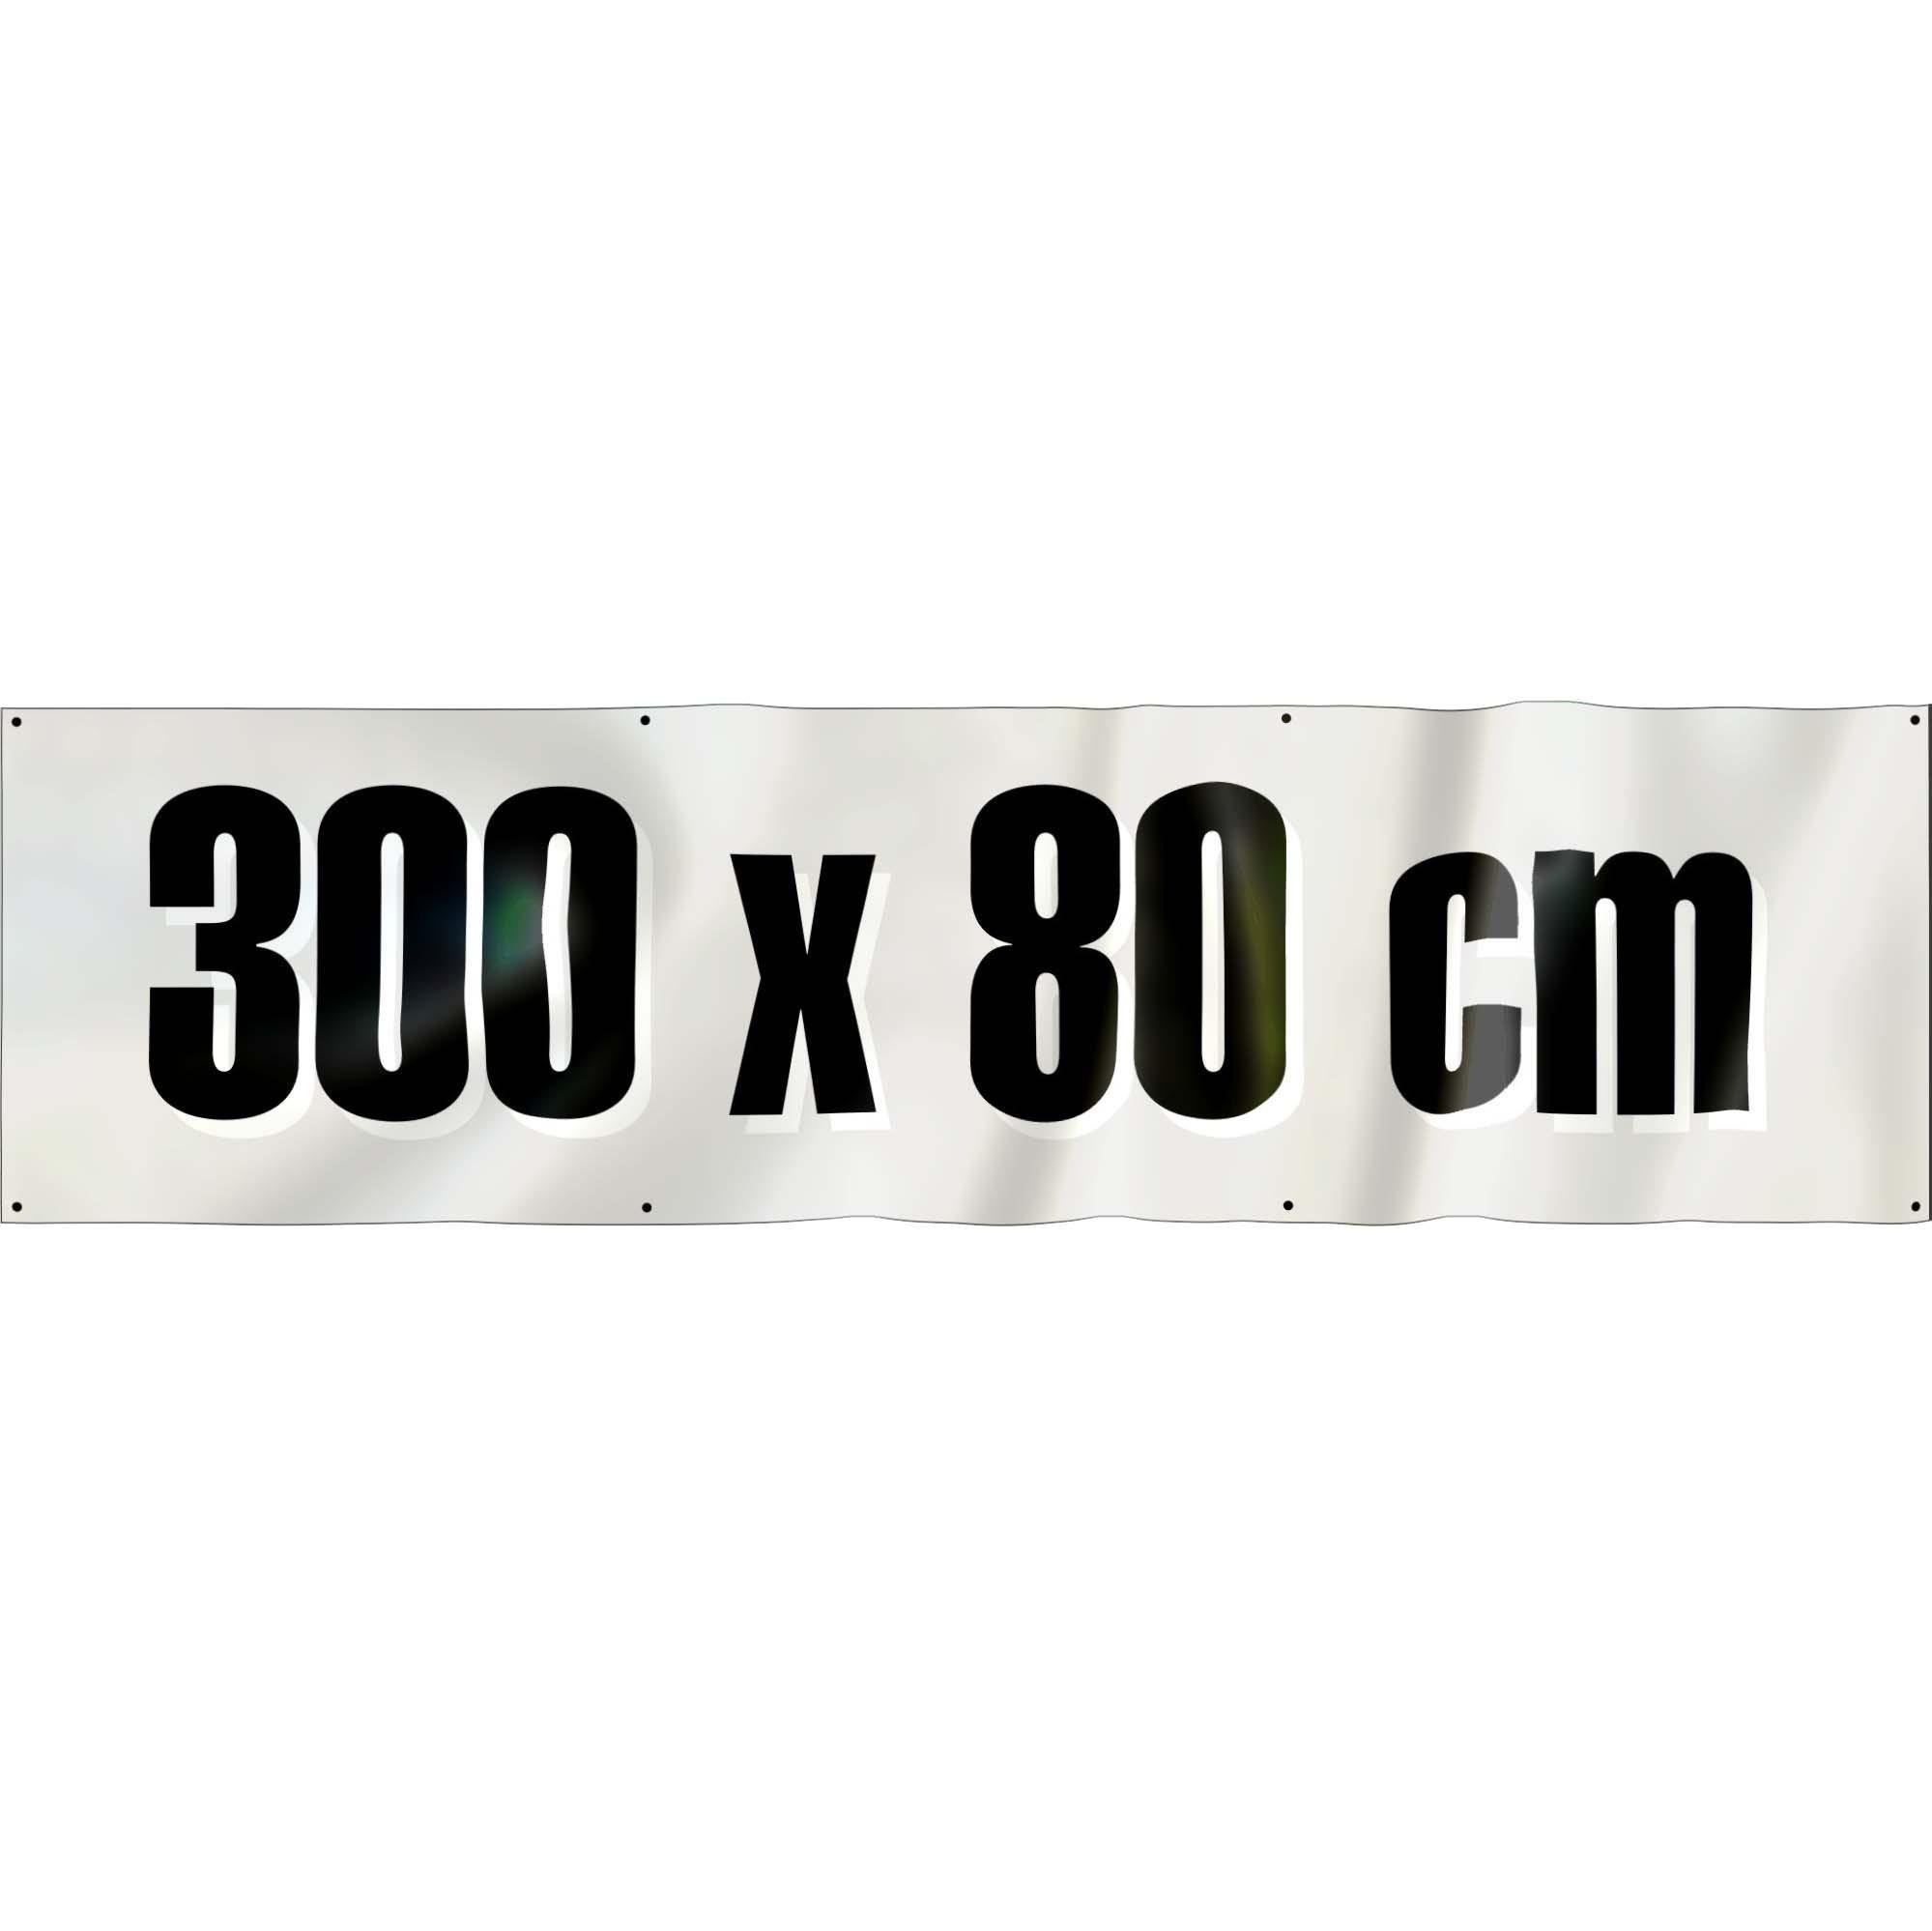 Spandoek 300 x 80 cm ( frontlit bisonyl )